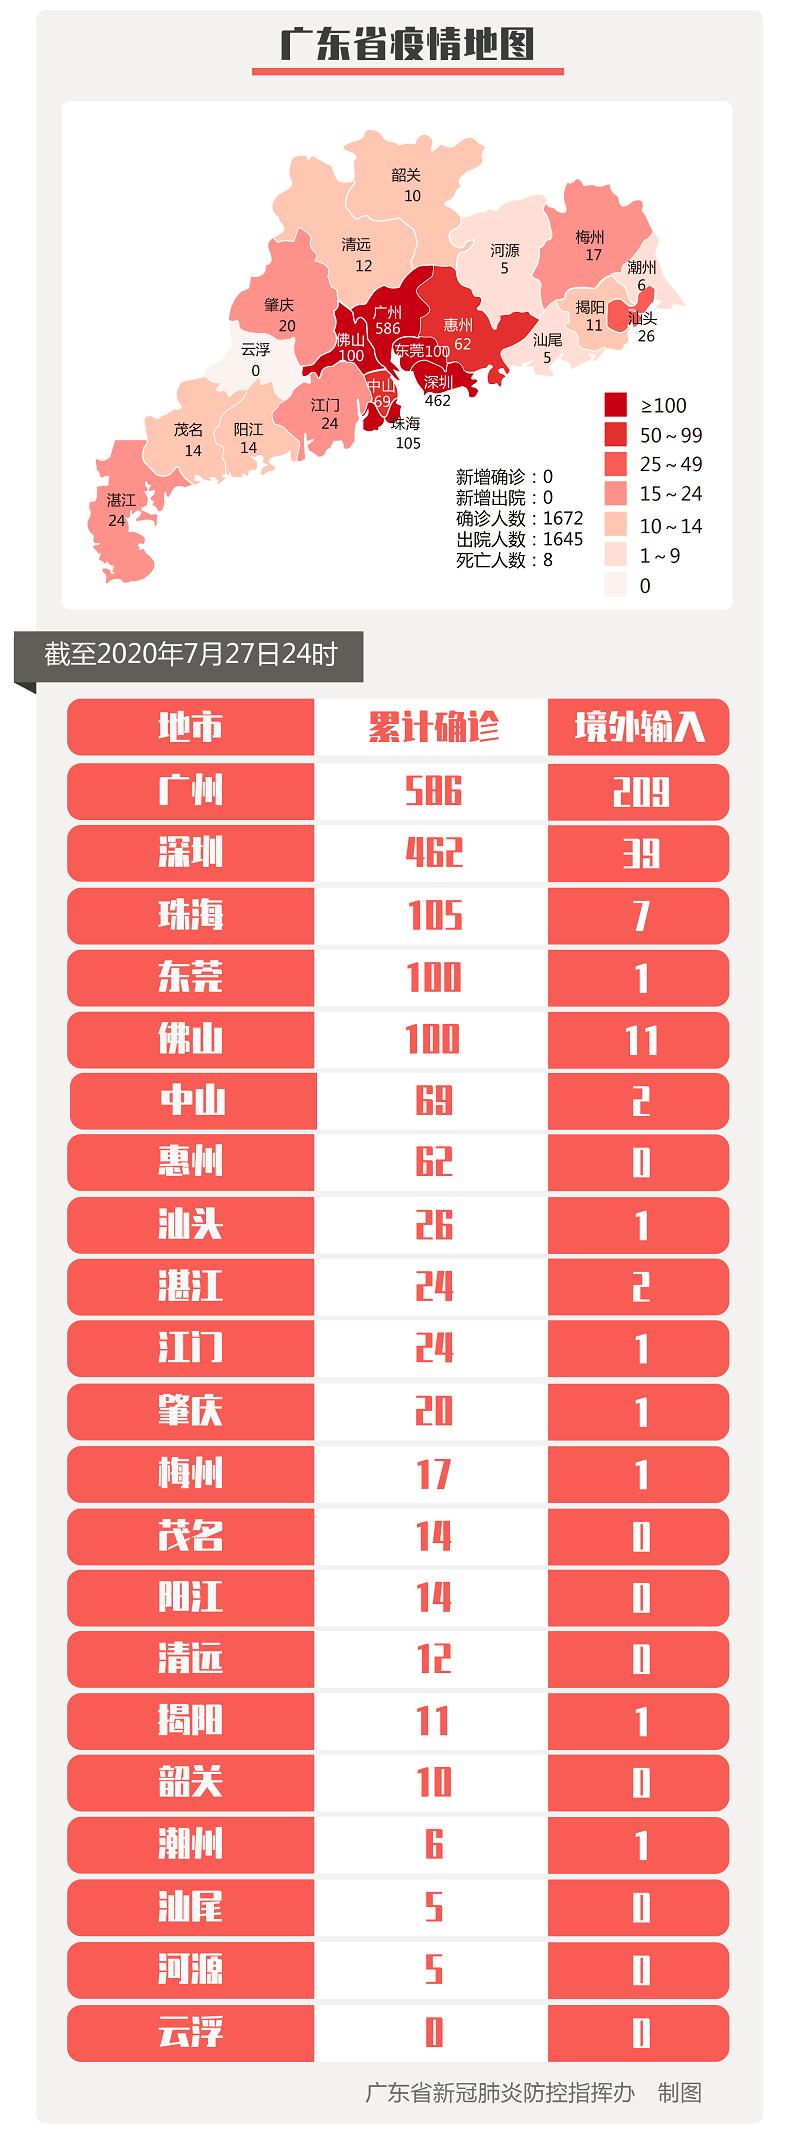 疫情通报|7月27日广东新增境外输入无症状感染者4例